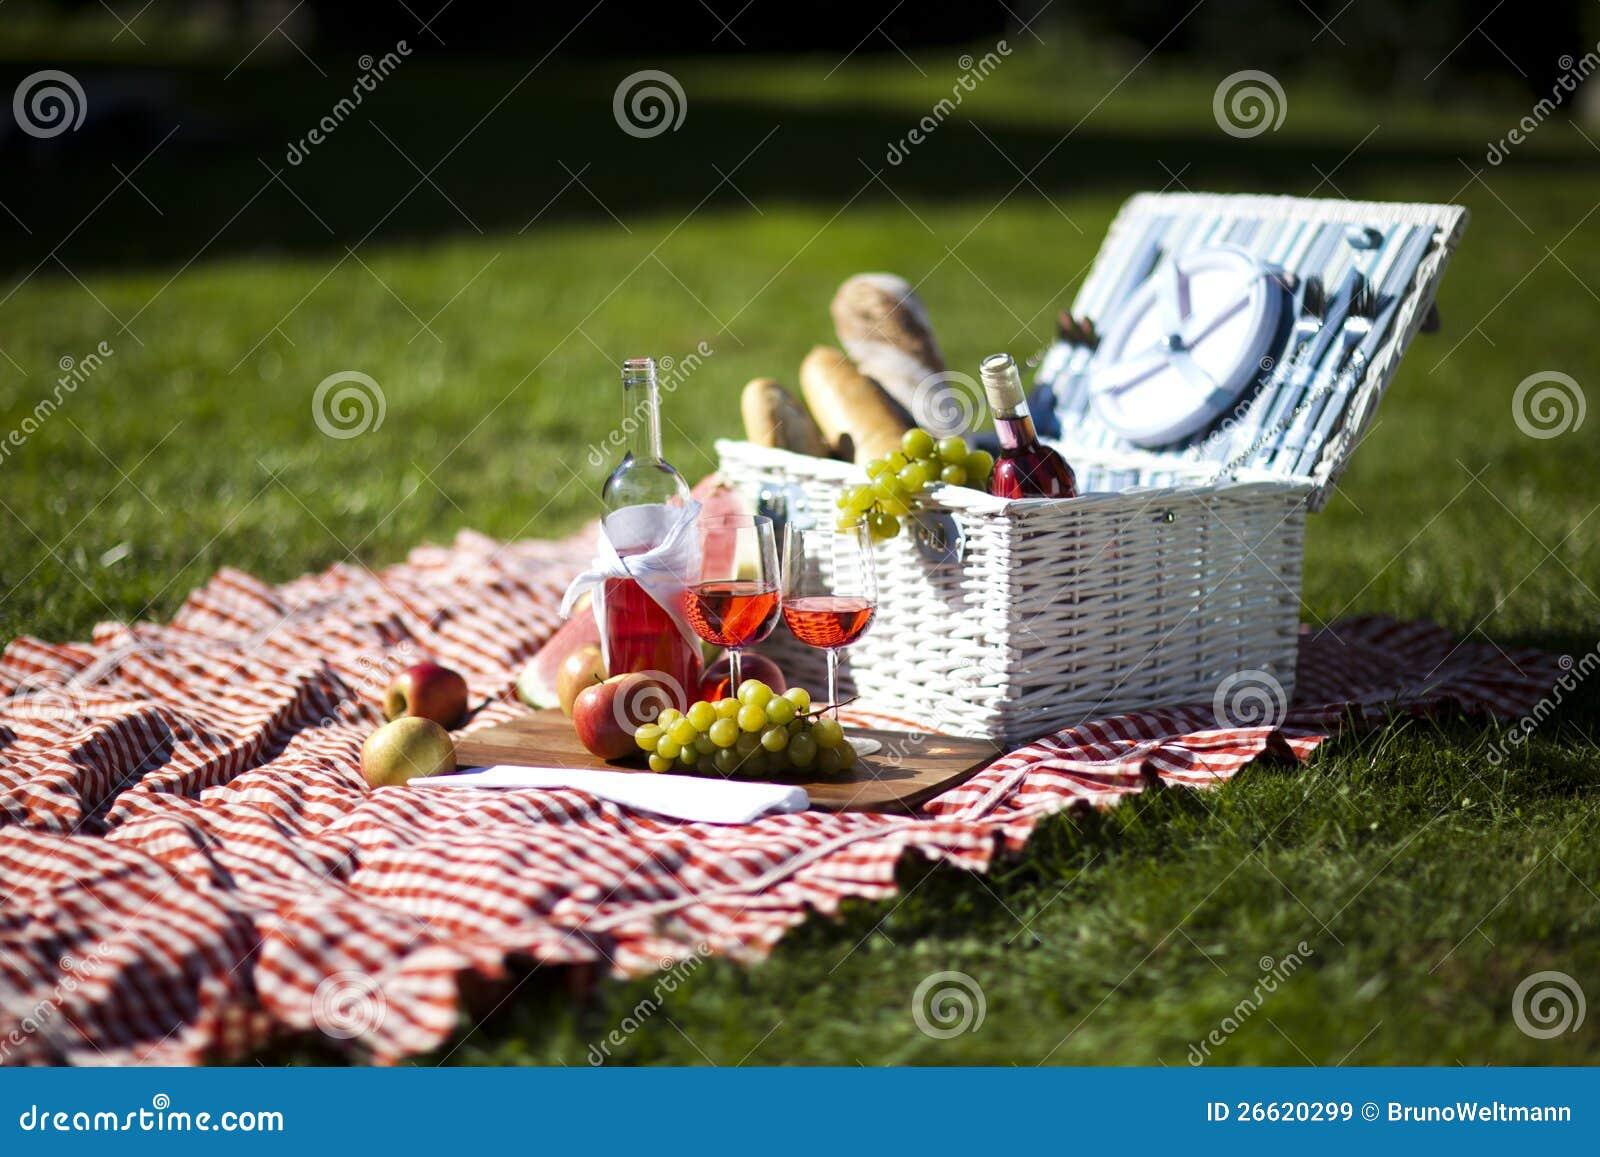 Wijn en voedsel